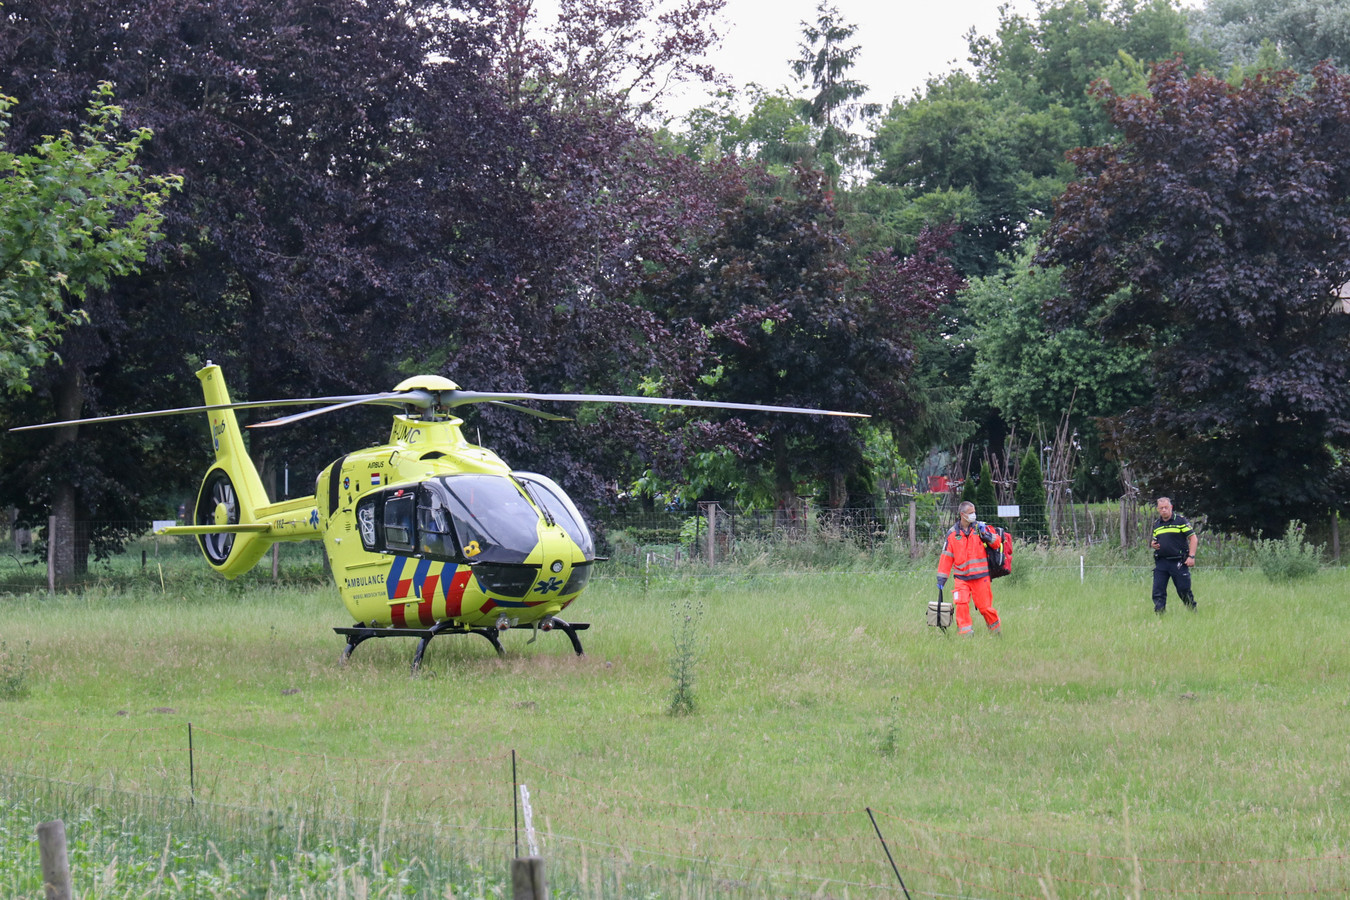 Een traumahelikopter landde dichtbij het ongeluk.